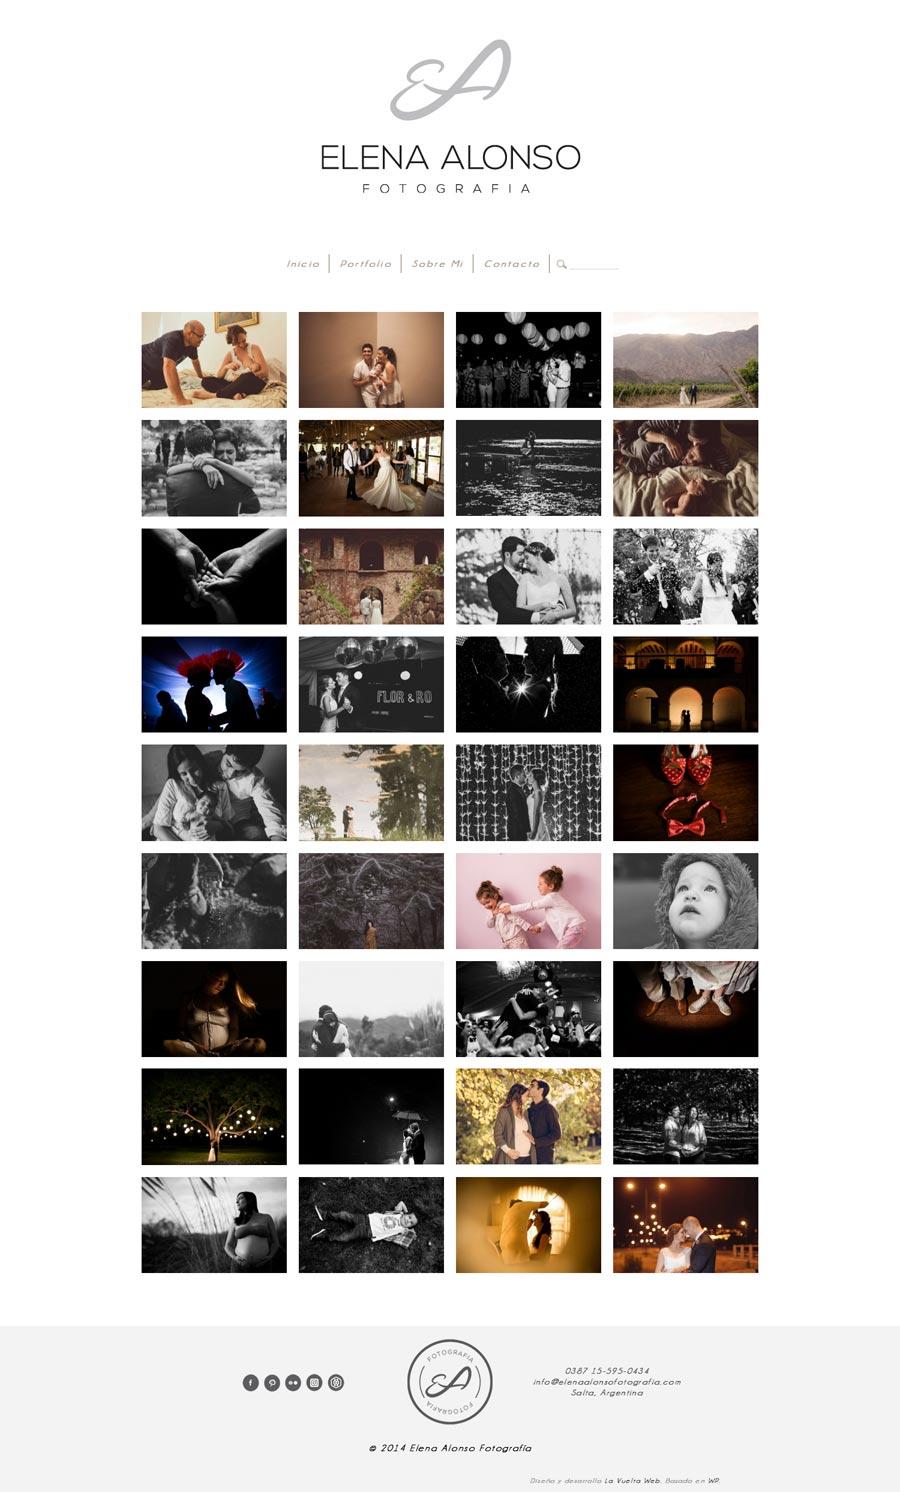 Página web de fotografía de Elena Alonso desarrollado por La Vuelta Web